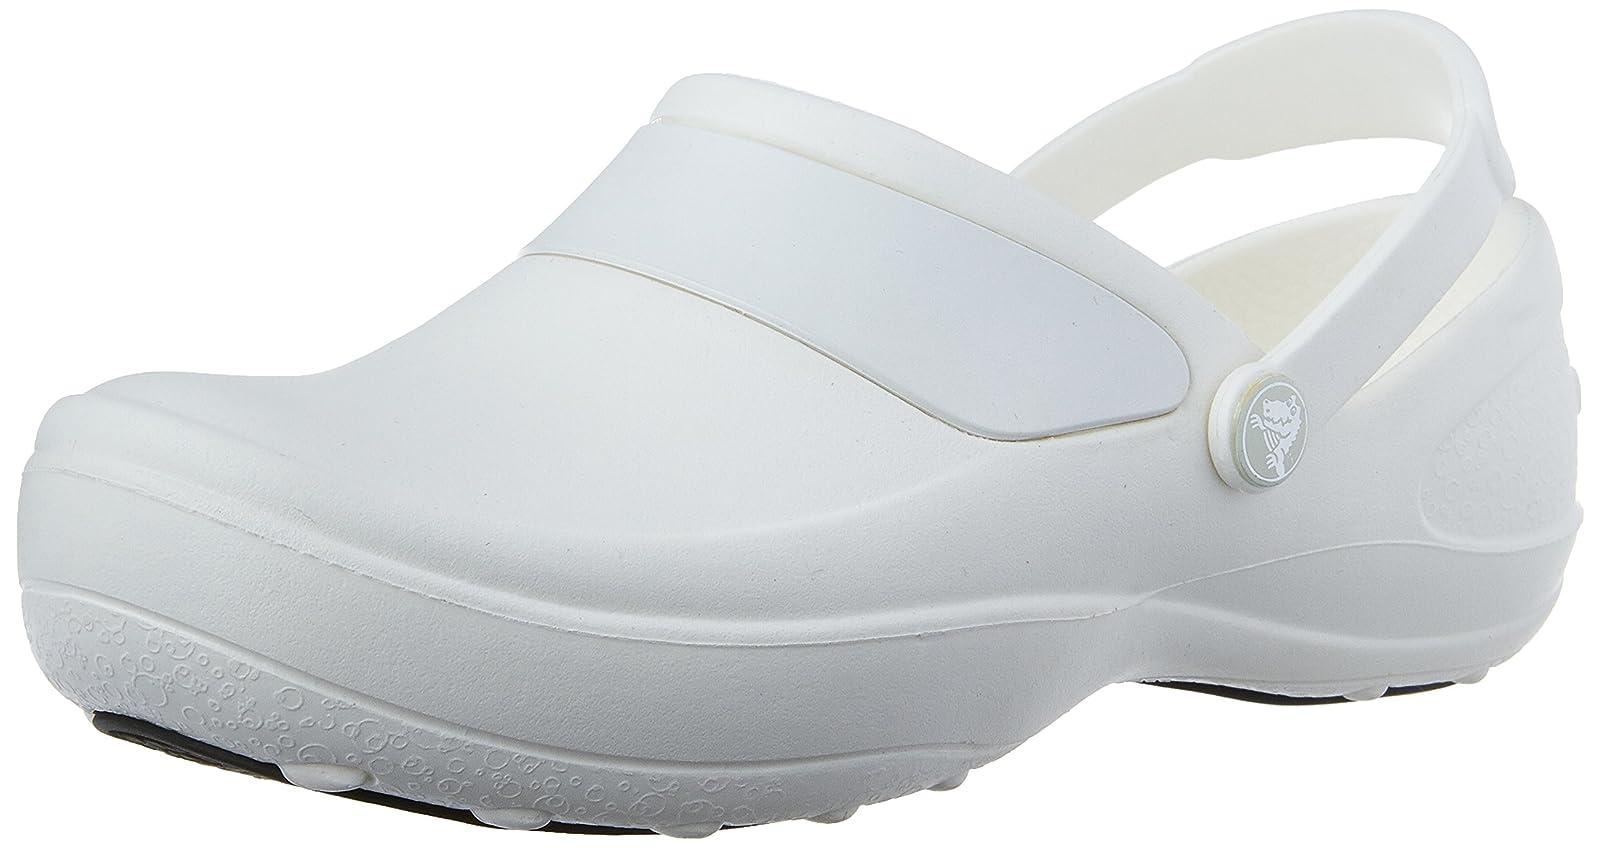 Crocs Women's Mercy Work Slip Resistant - 1